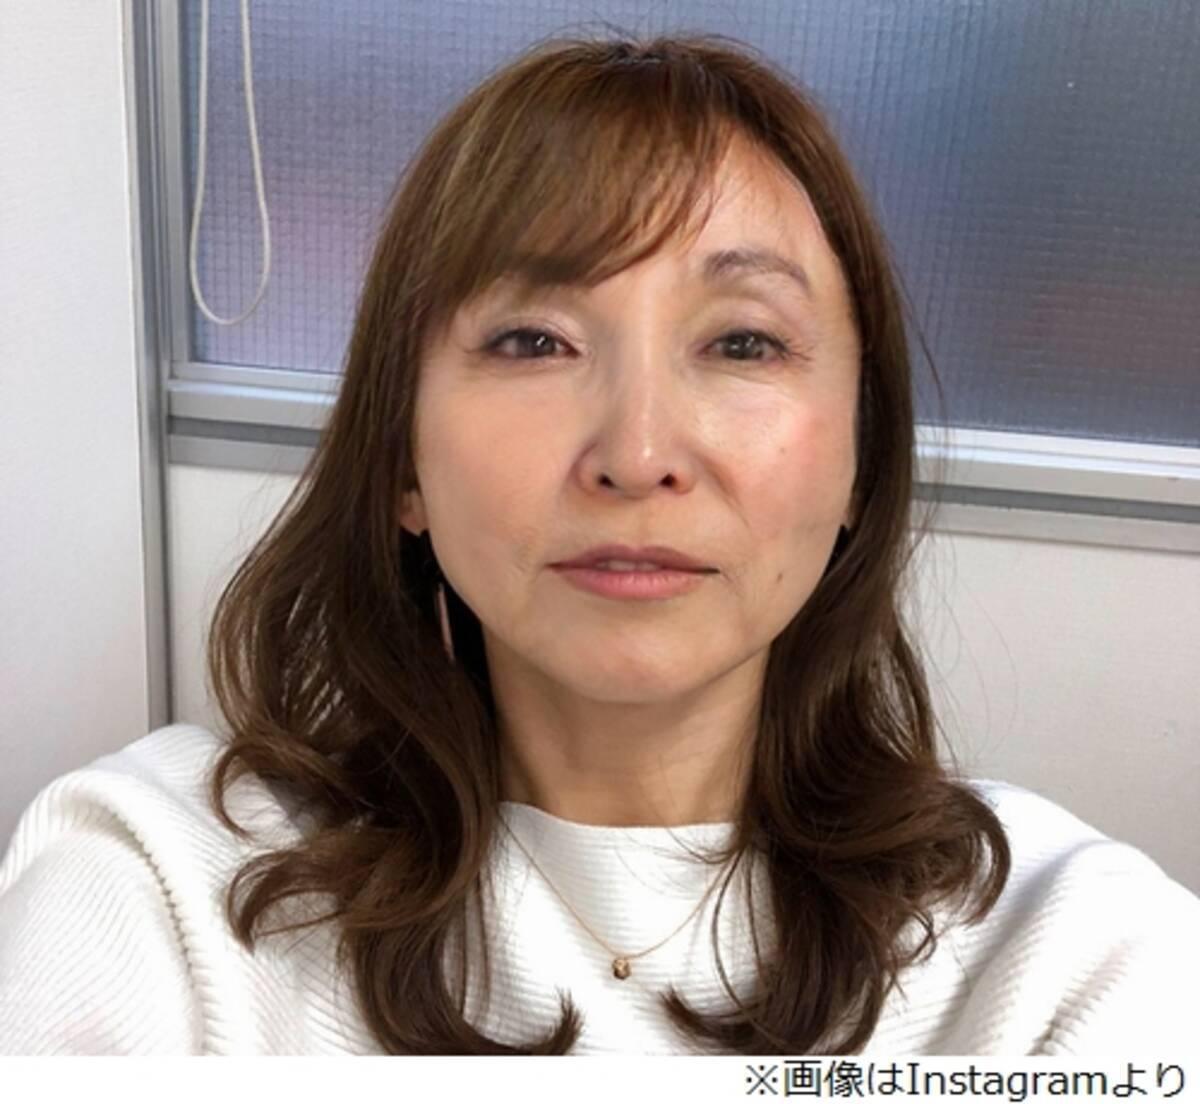 """吉木りさ、老け顔の""""おばさん""""になる (2018年4月30日) - エキサイト ..."""